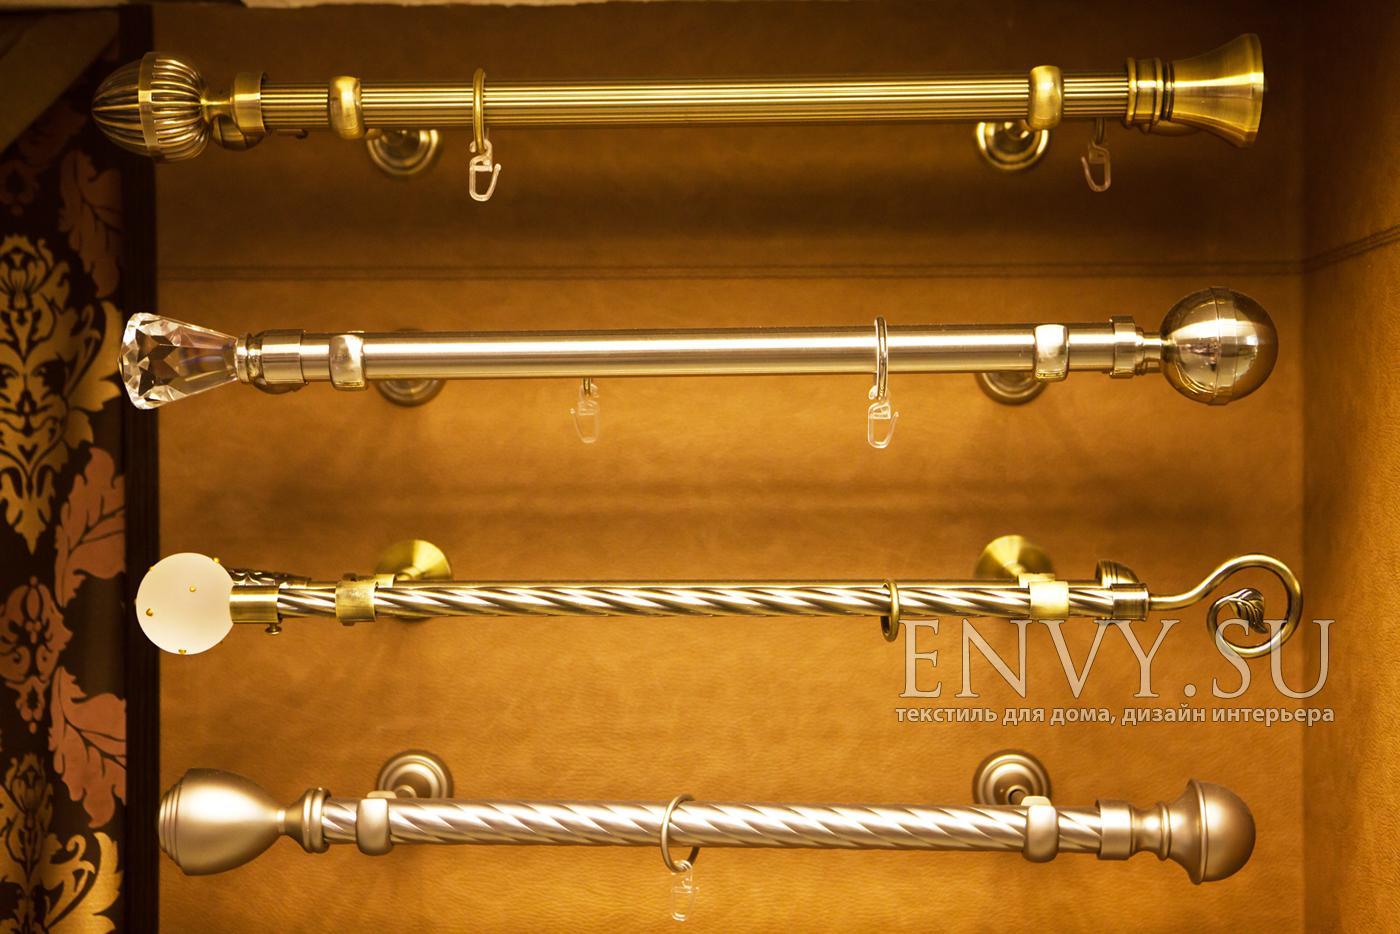 Карнизы для штор металлические в интерьере